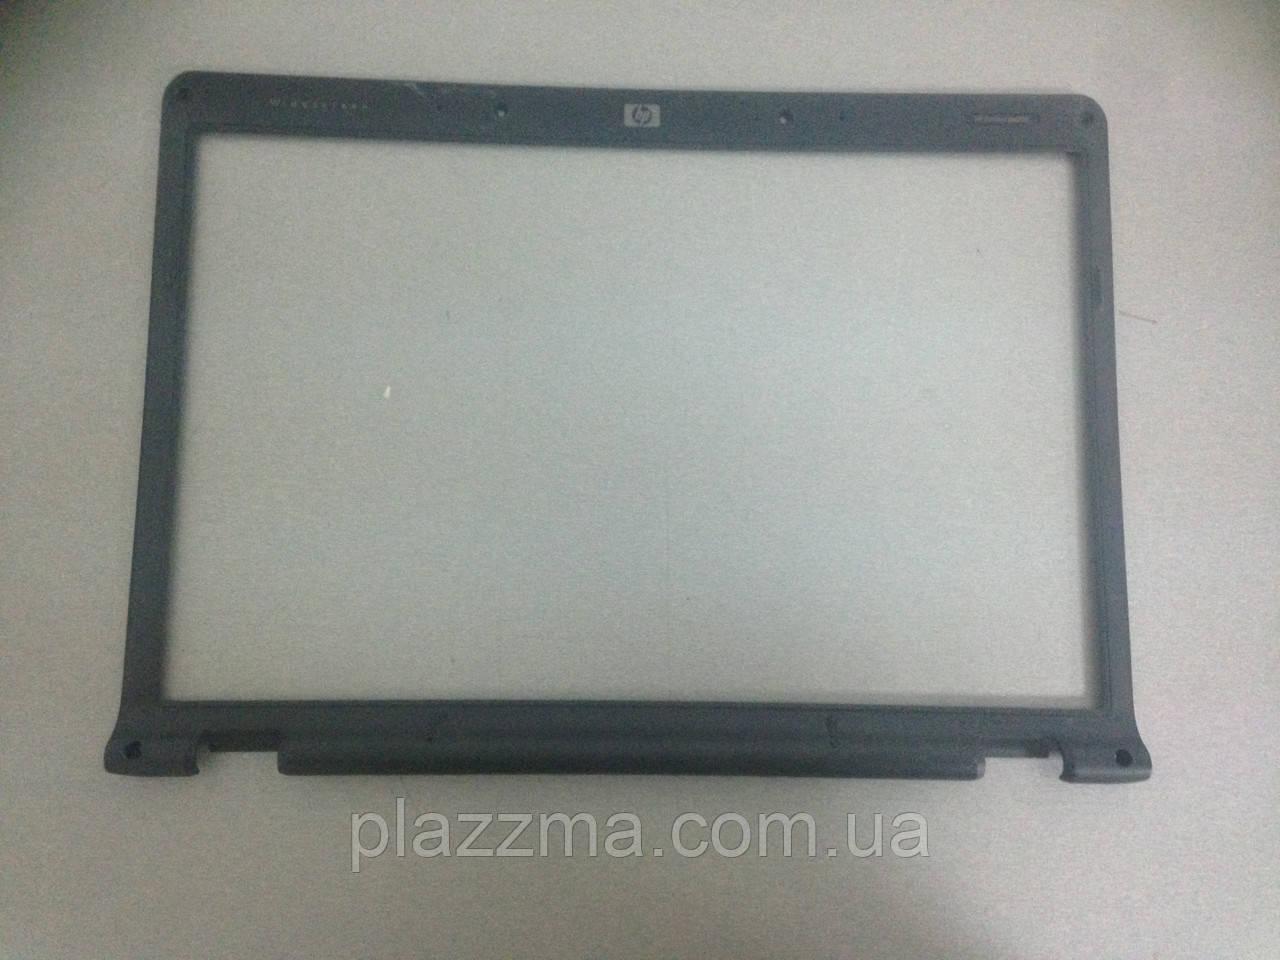 Рамка матрицы ноутбука HP Pavilion dv6000 б у б/у